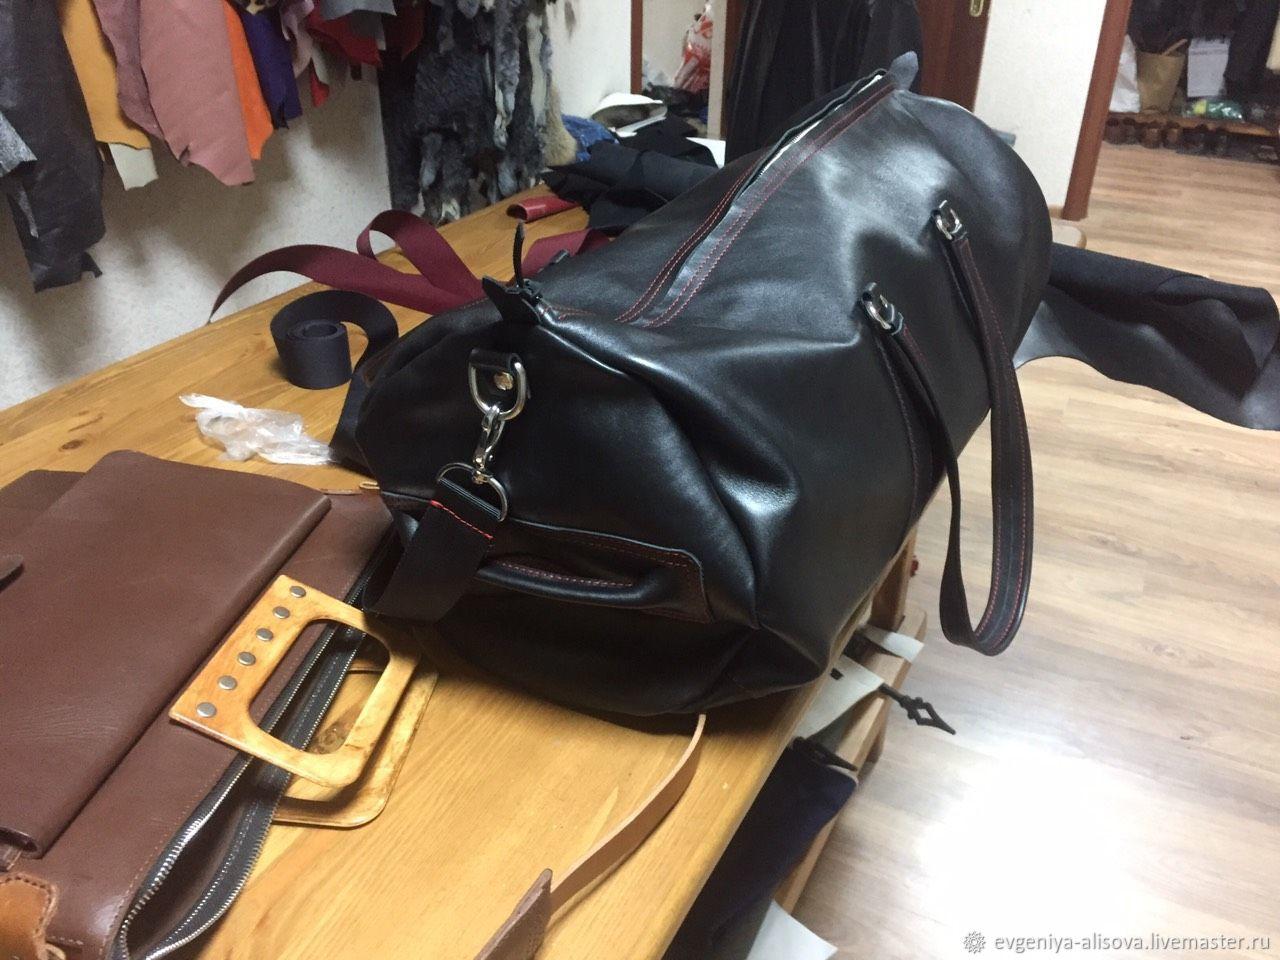 Спортивная сумка Duffle, Спортивная сумка, Белгород,  Фото №1